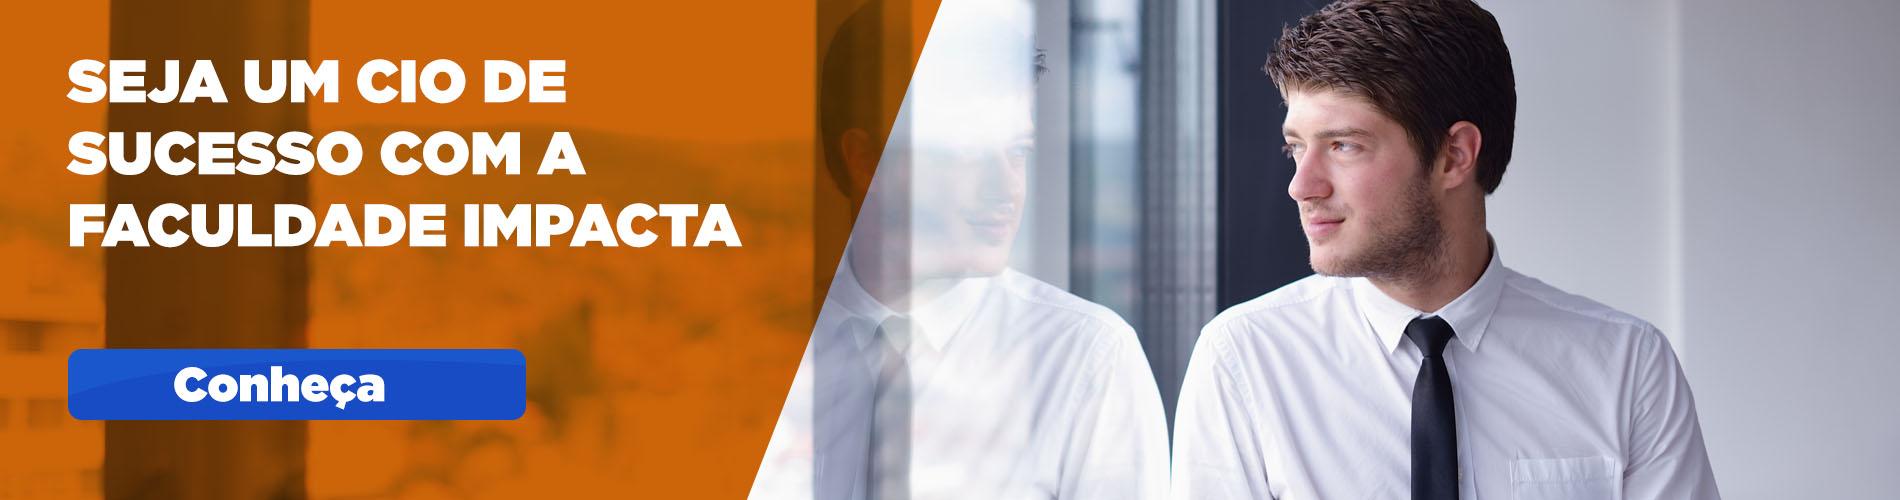 Prepare-se para ser um CIO de sucesso com os cursos de Pós e MBA da Faculdade Impacta